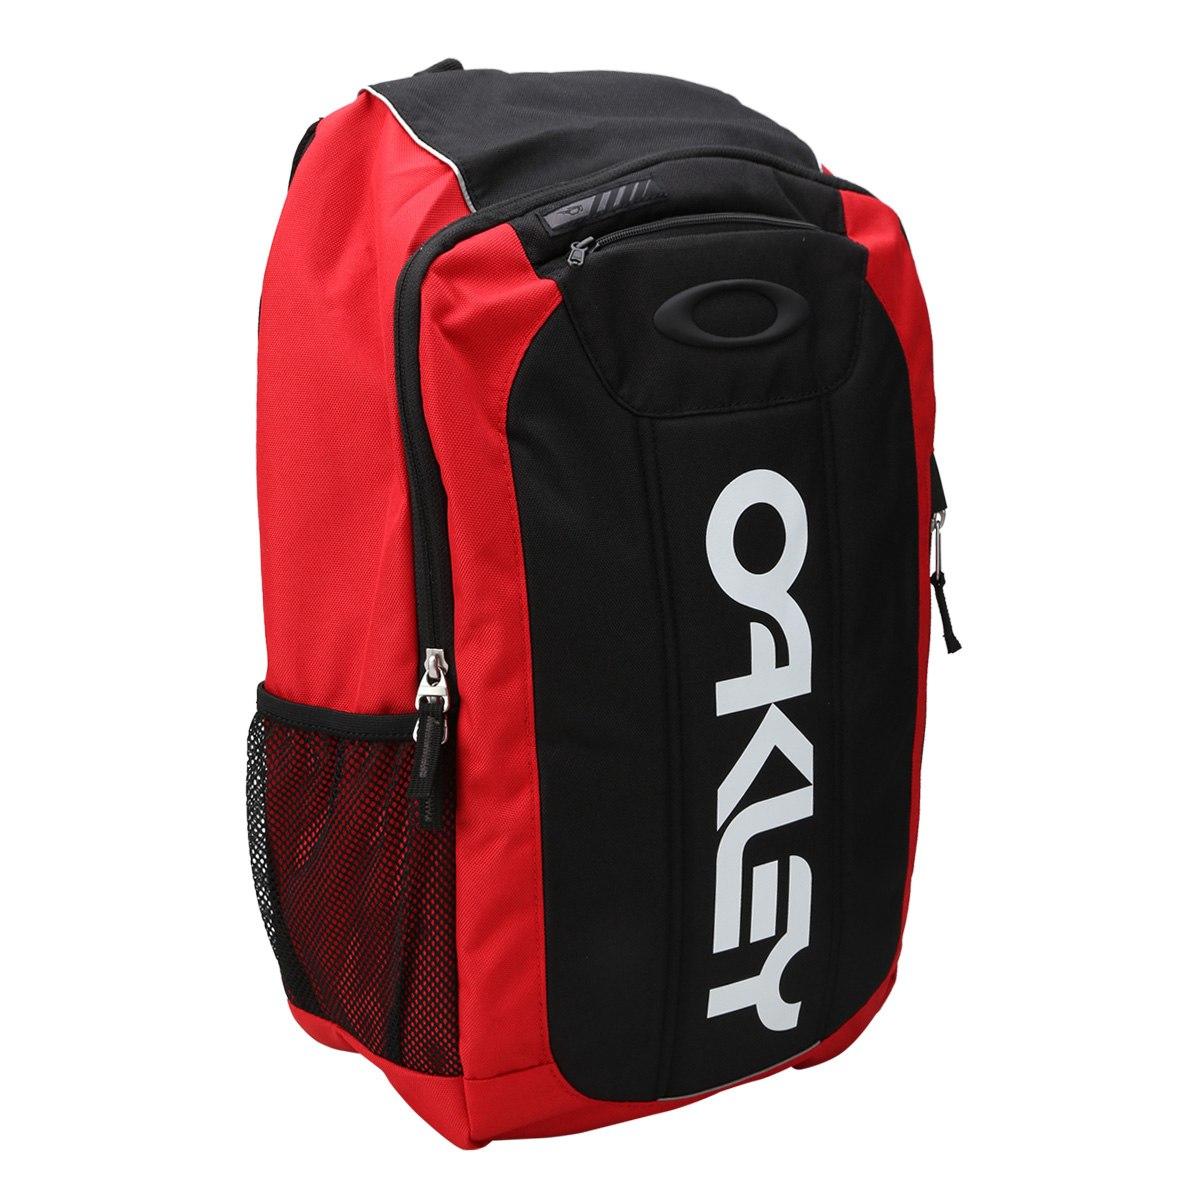 007487279e265 Mochila Oakley Enduro 20L Vermelho Com Preto ref 92963-465